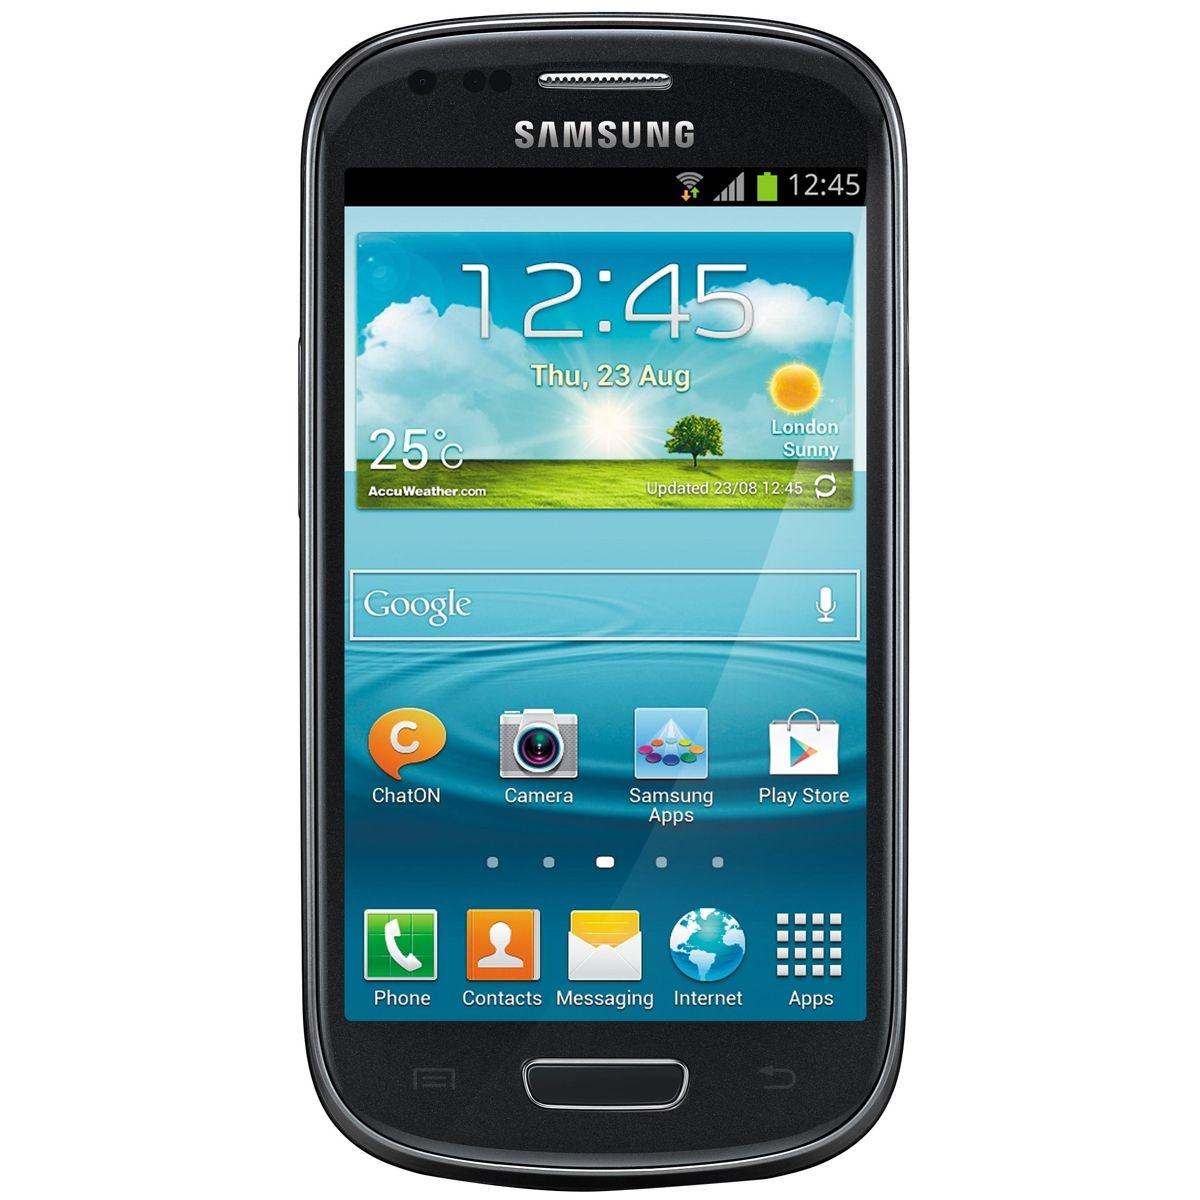 Samsung Galaxy S3 mini VE